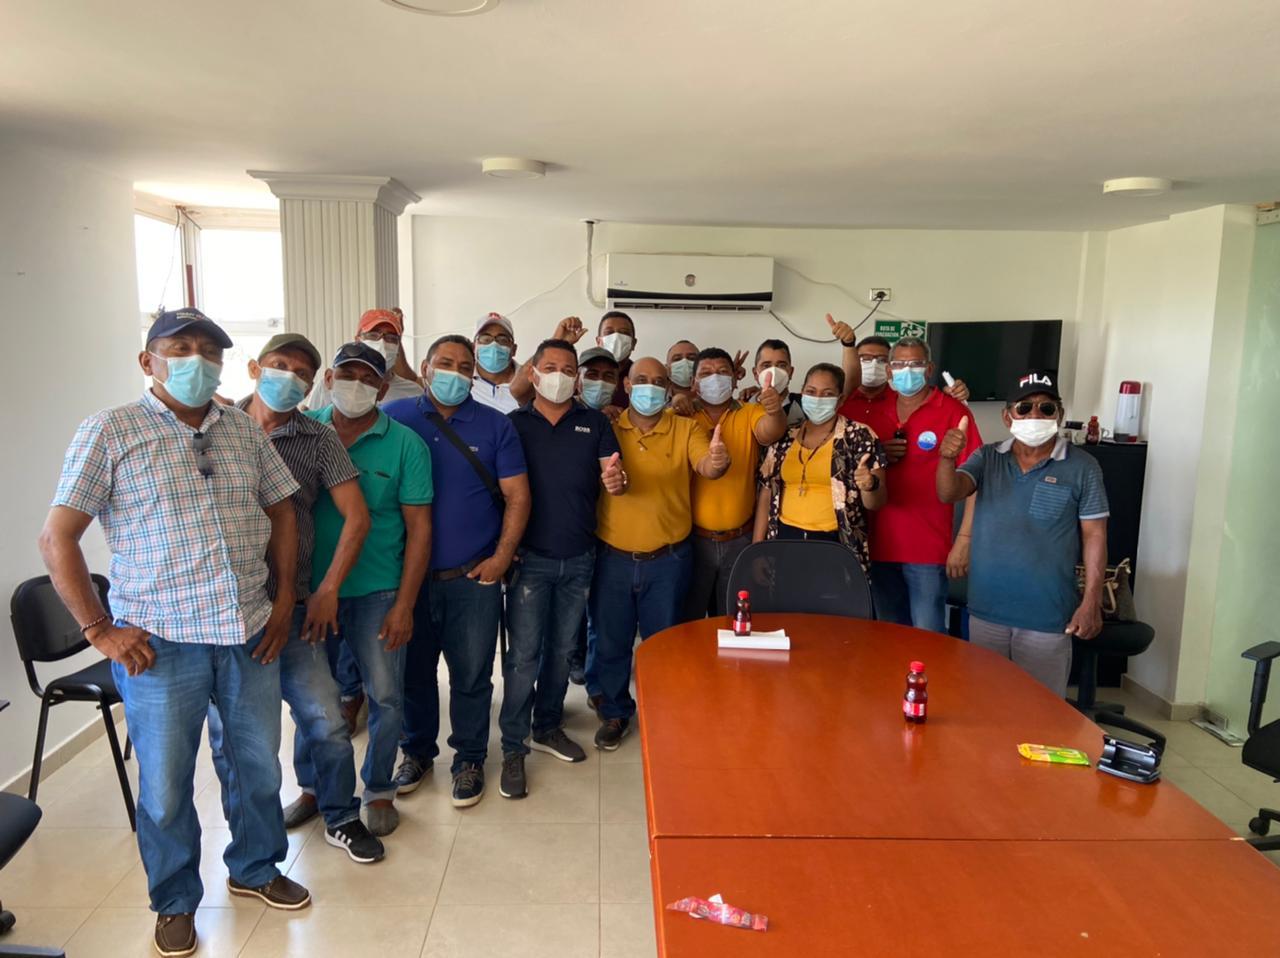 https://www.notasrosas.com/Luego de 529 días, se levanta la huelga en las salinas de Manaure